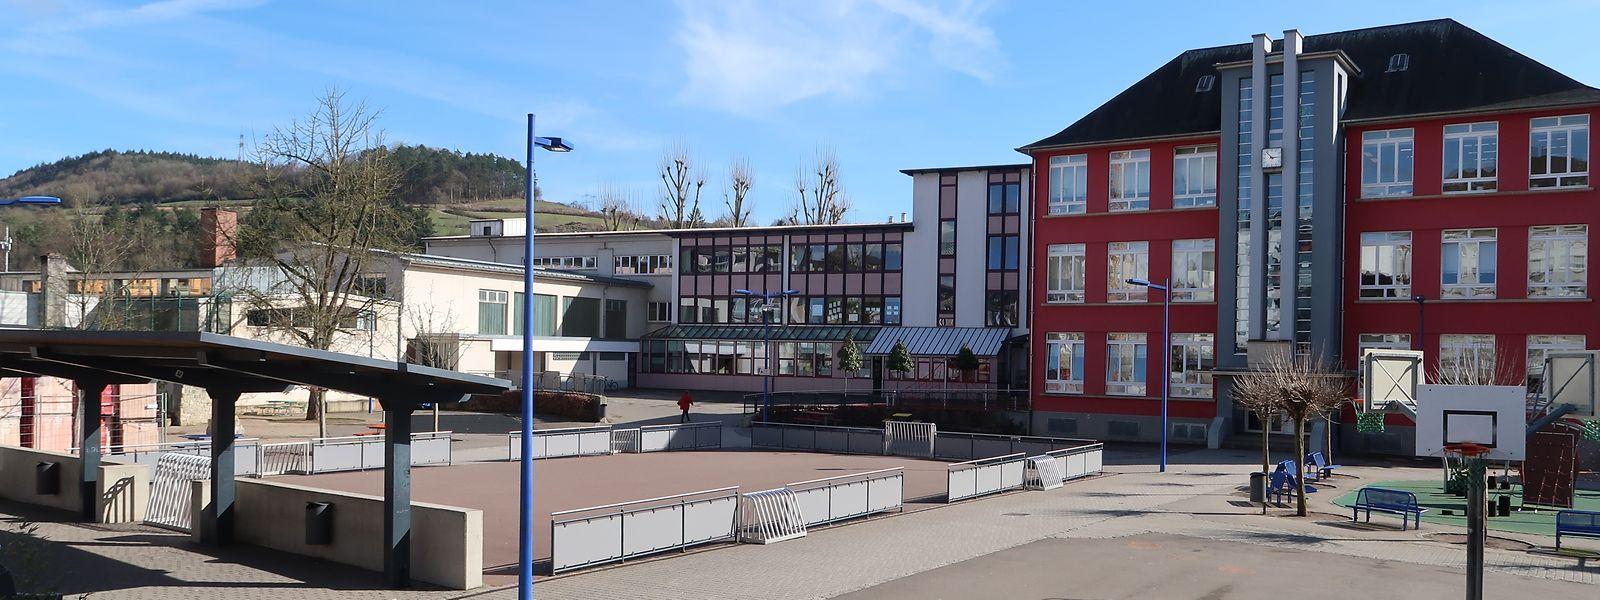 Rund um den Schulhof der Grundschule werden in den kommenden Jahren wohl rege Bautätigkeiten herrschen.